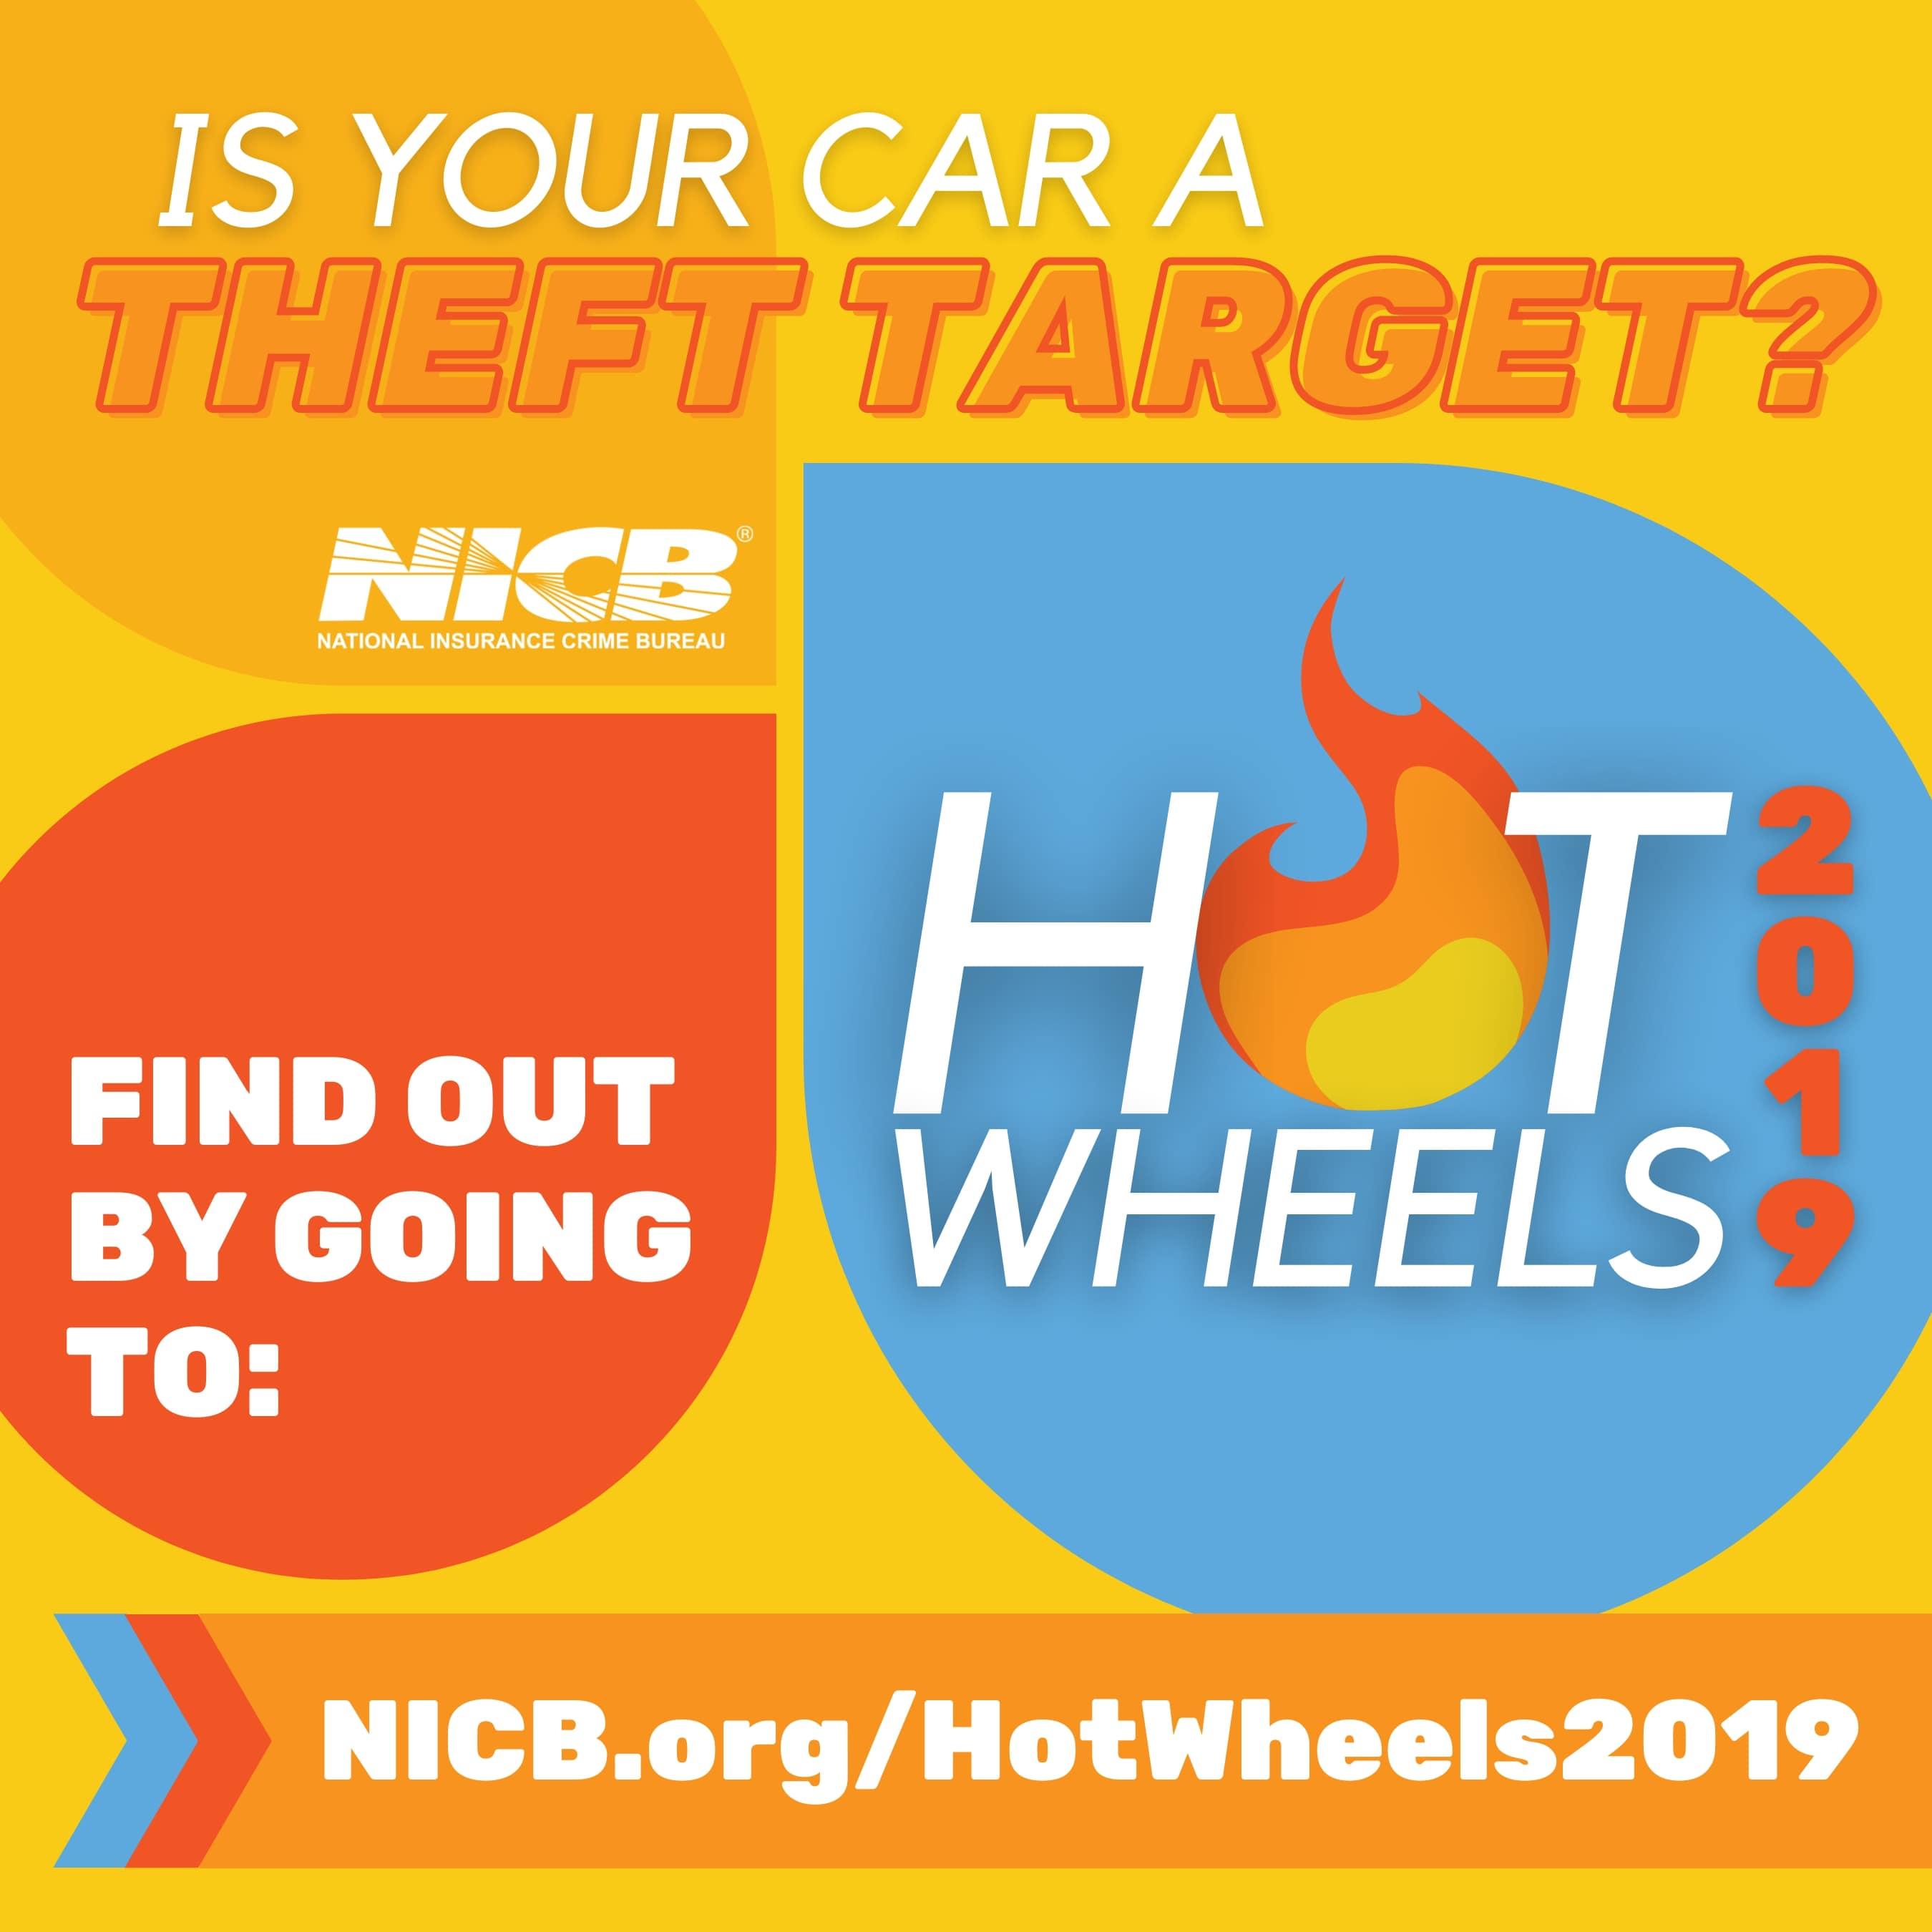 NICB Hot Wheels 2019 Report